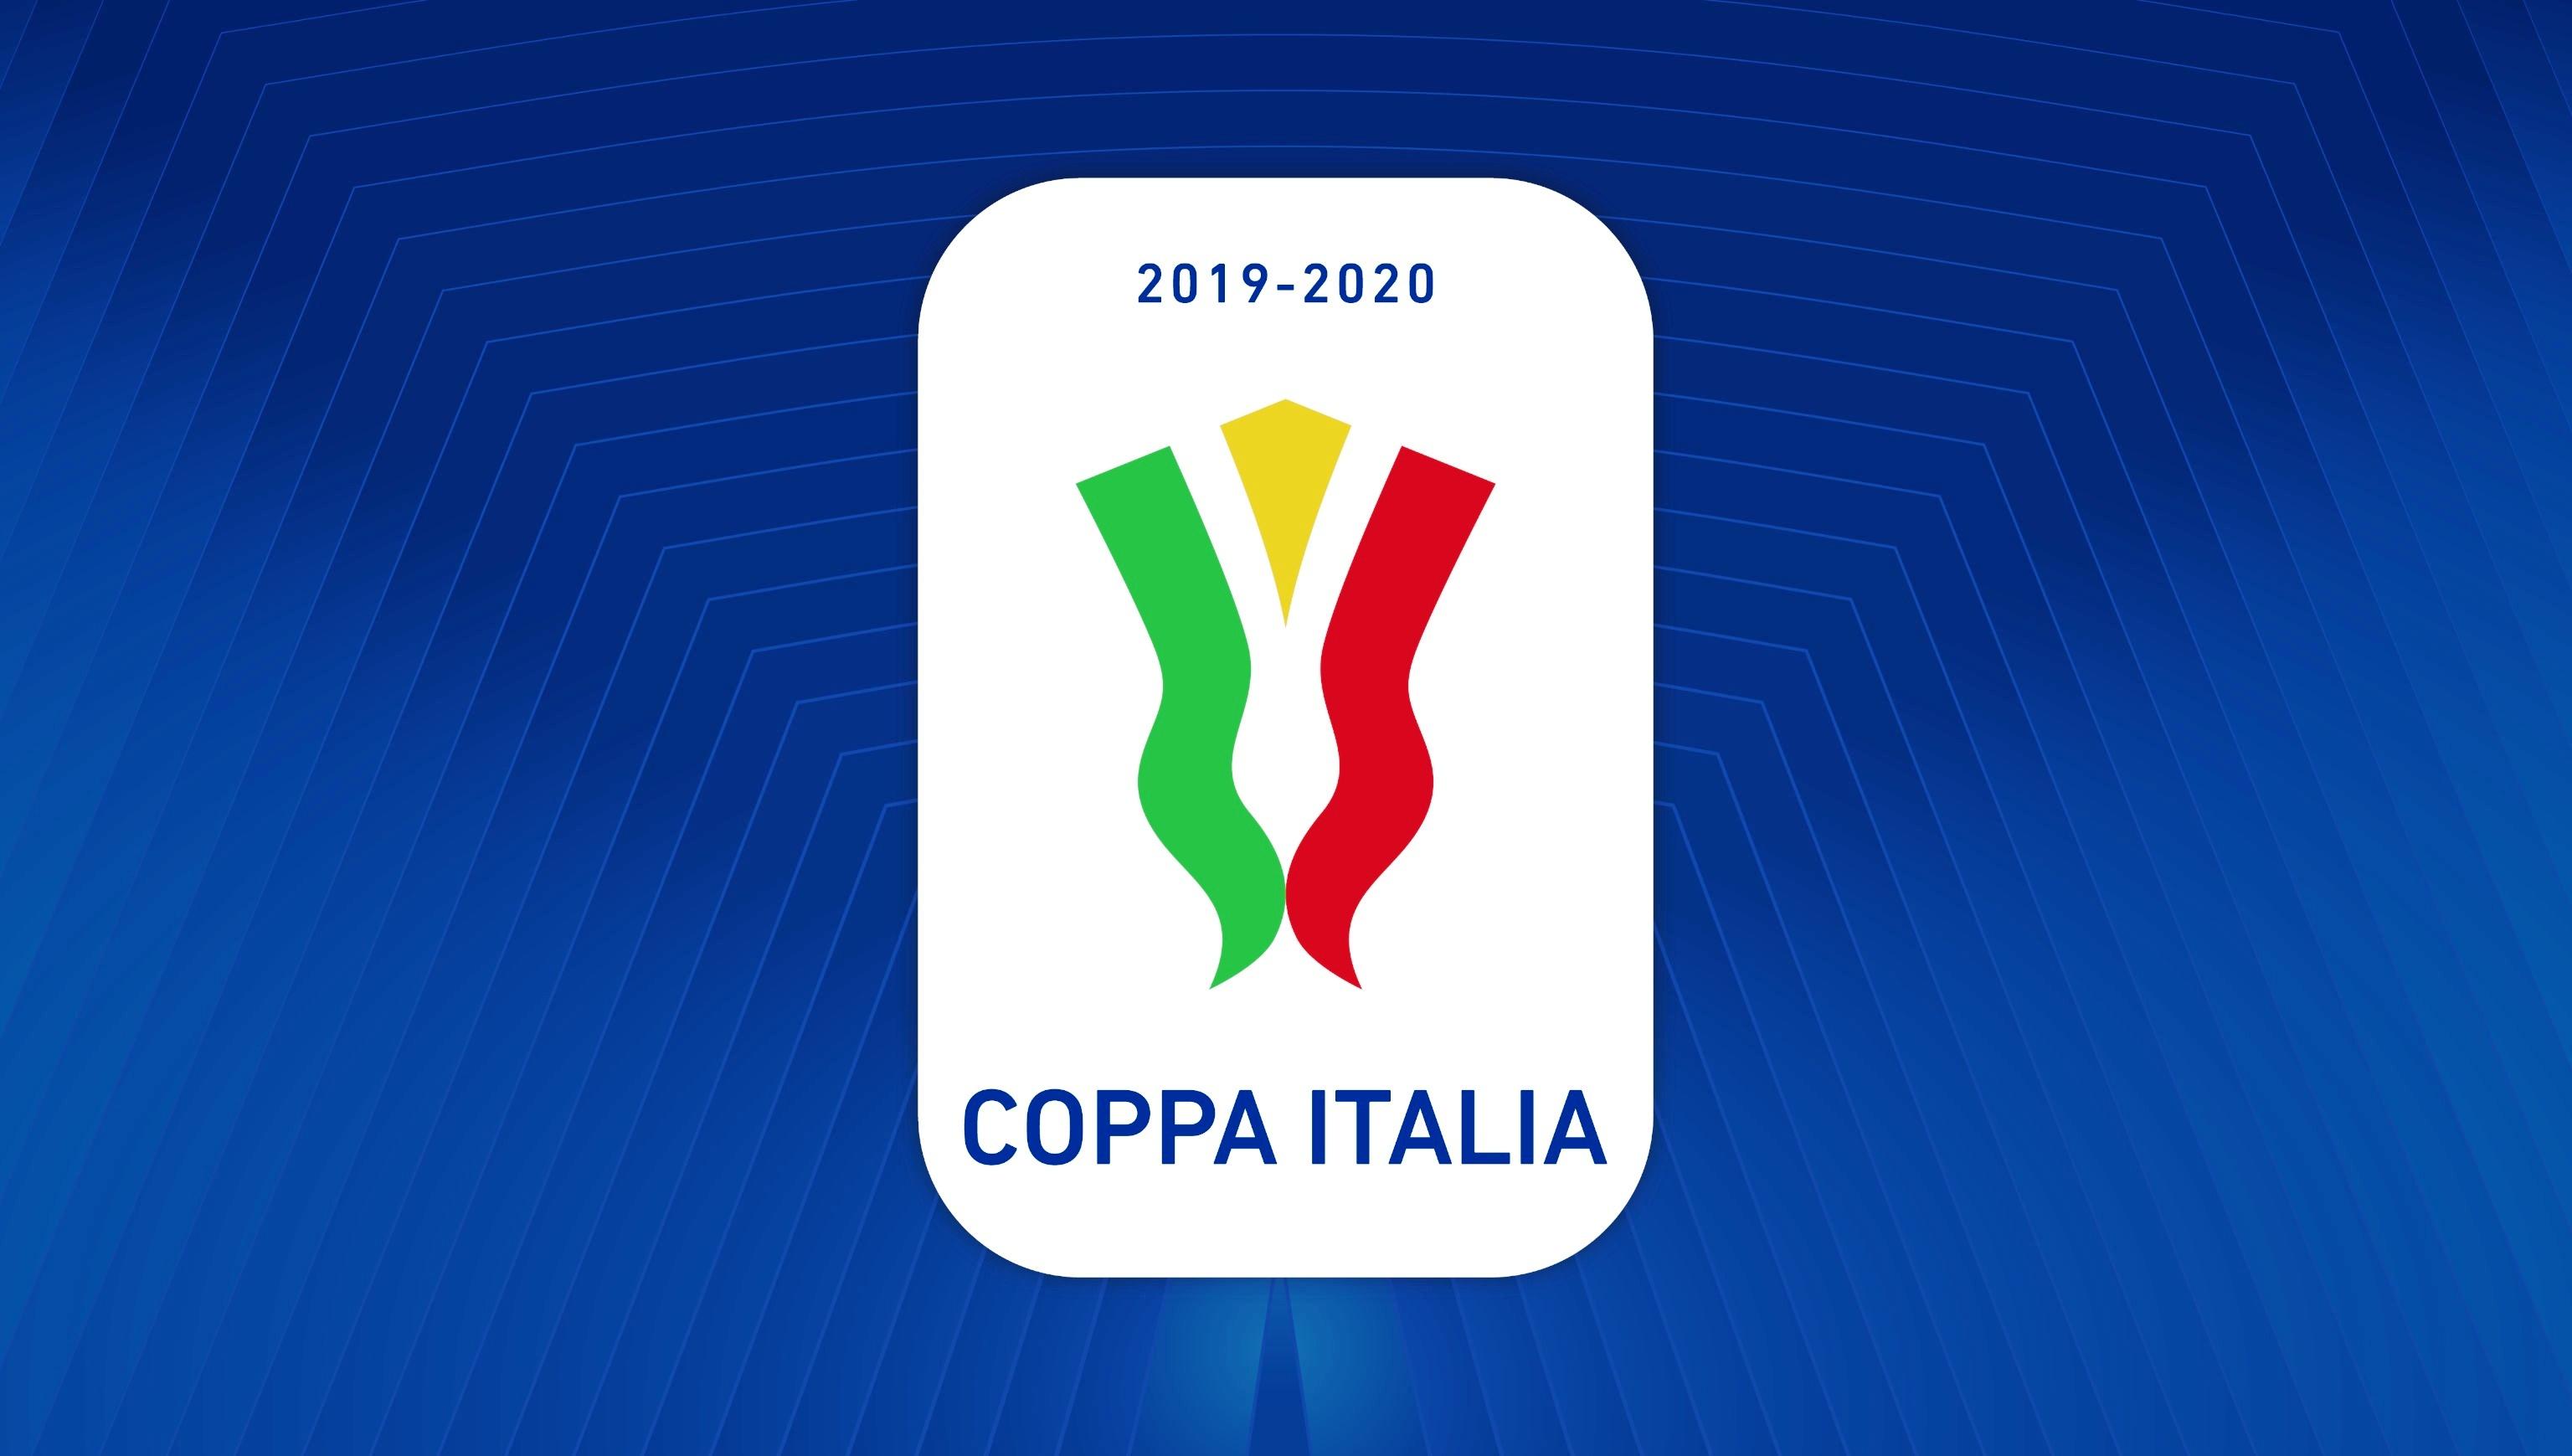 fiorentina in coppa italia 2019/20